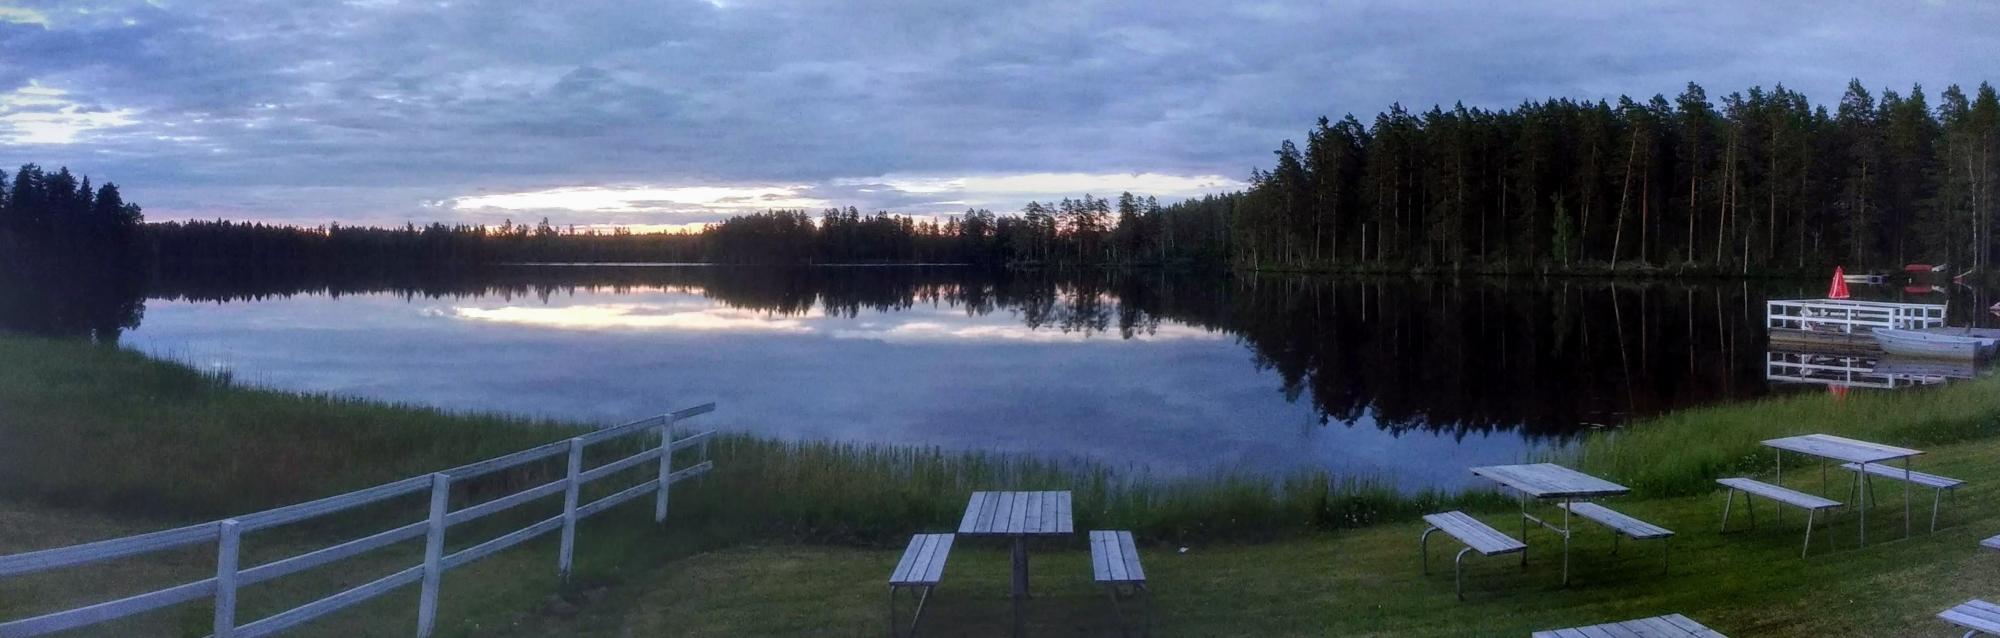 Medskogssjöns Camping